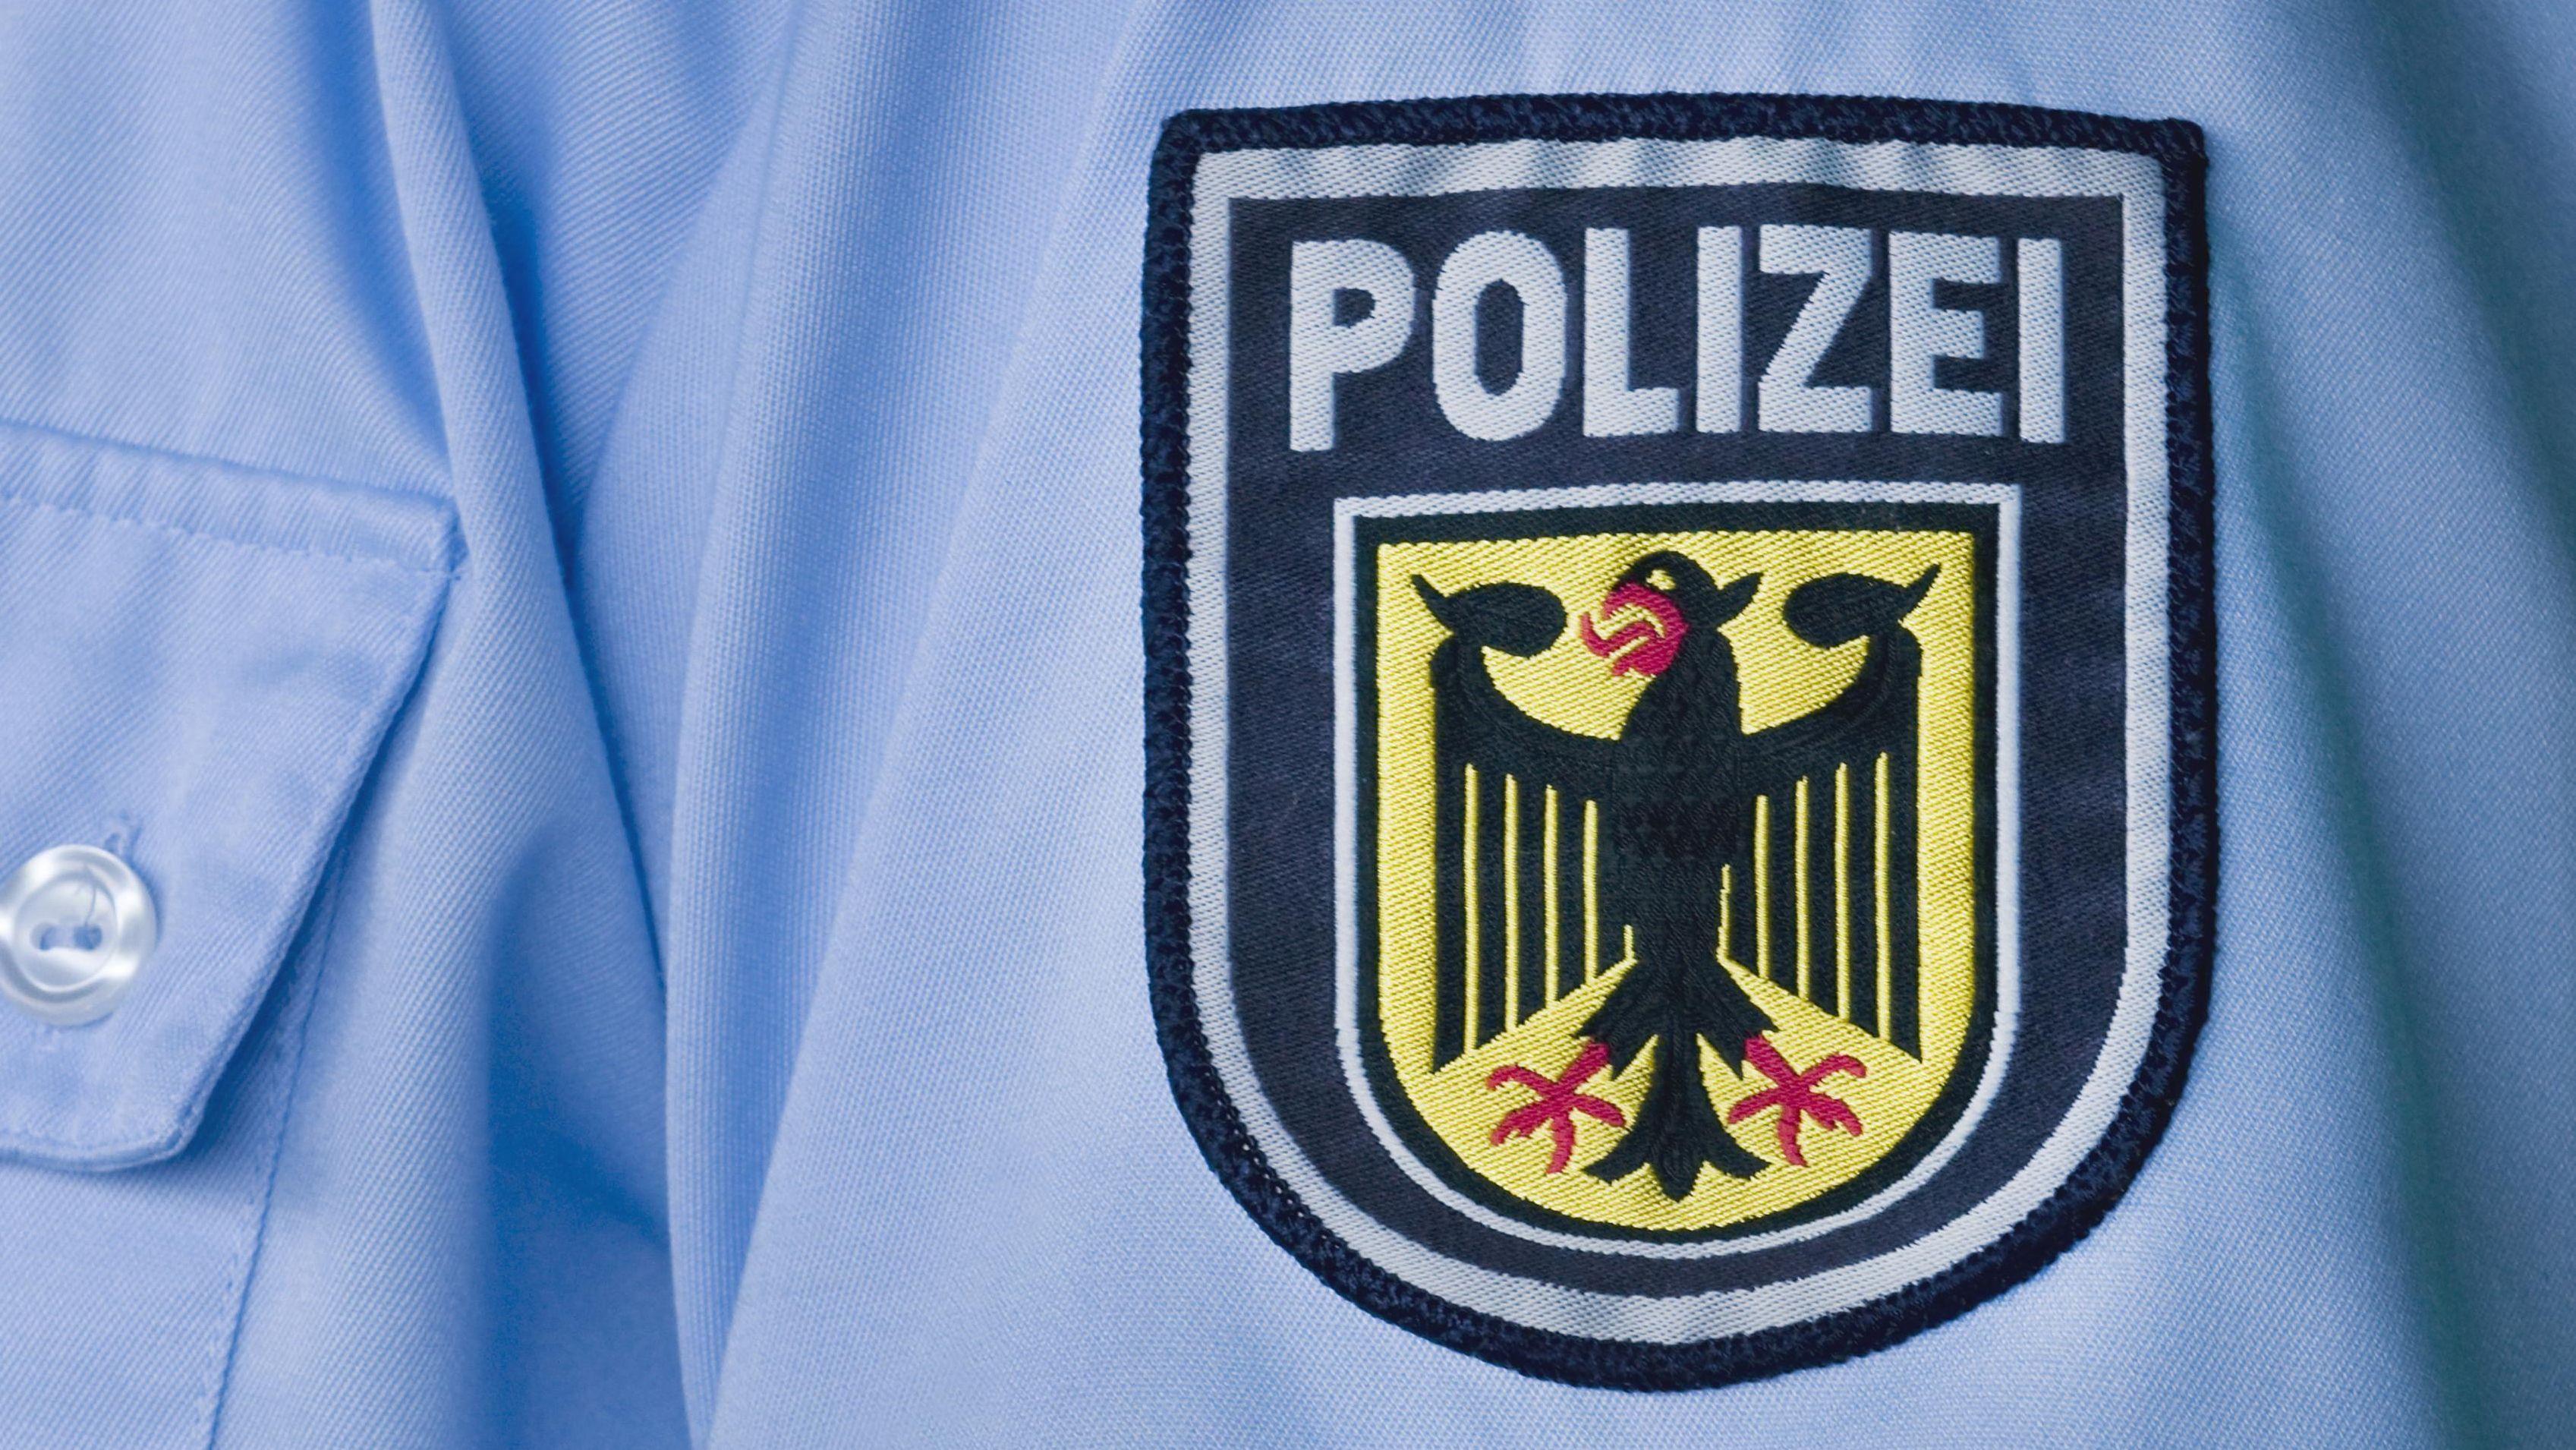 Abzeichen der Bundespolizei